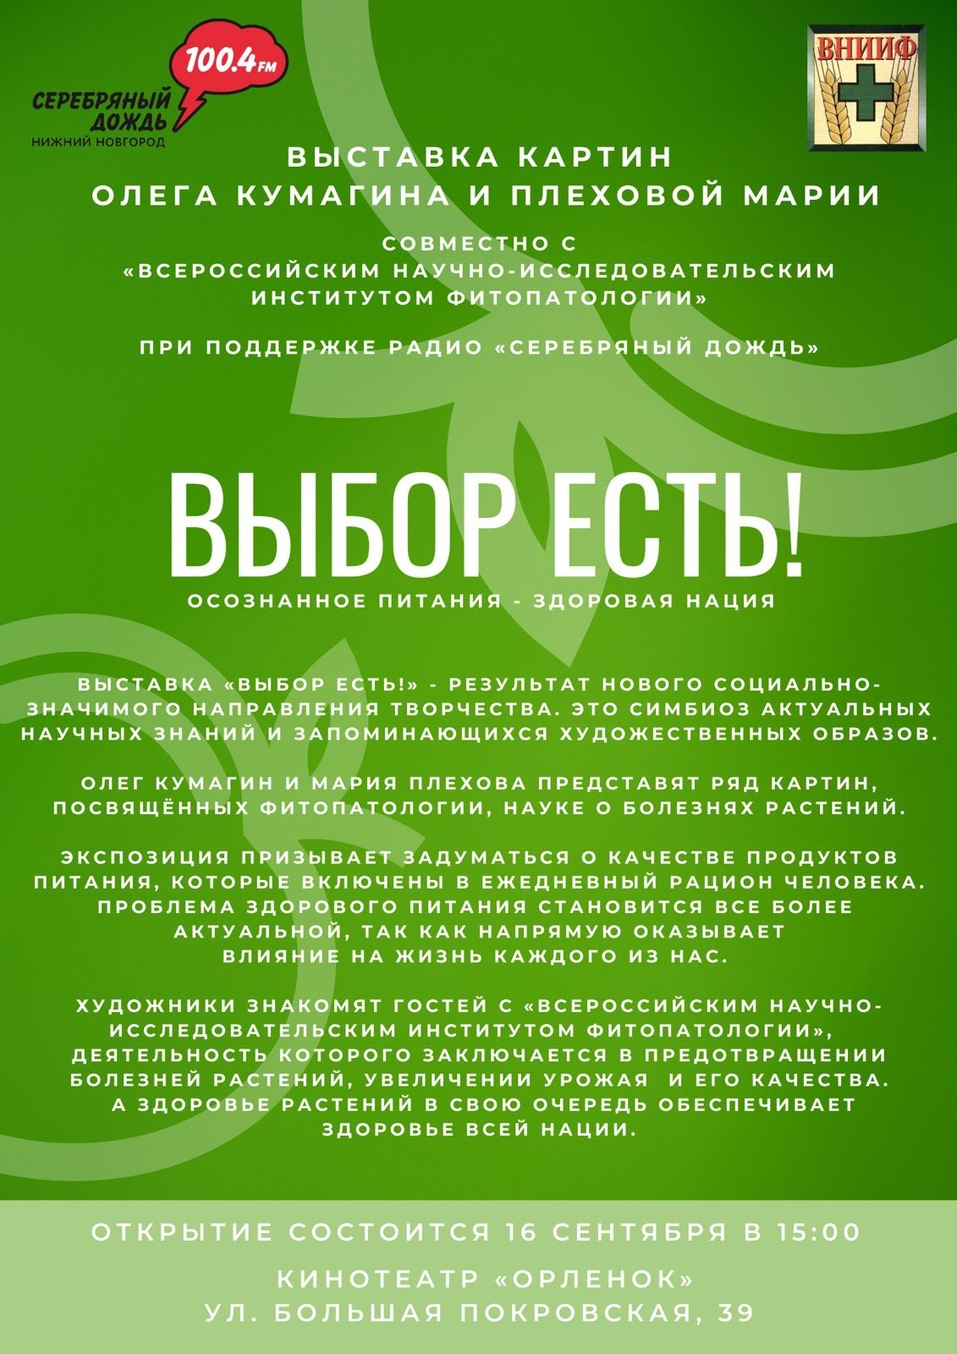 В кинотеатре «Орленок» открыта выставка художников Олега Кумагина и Марии Плеховой 1